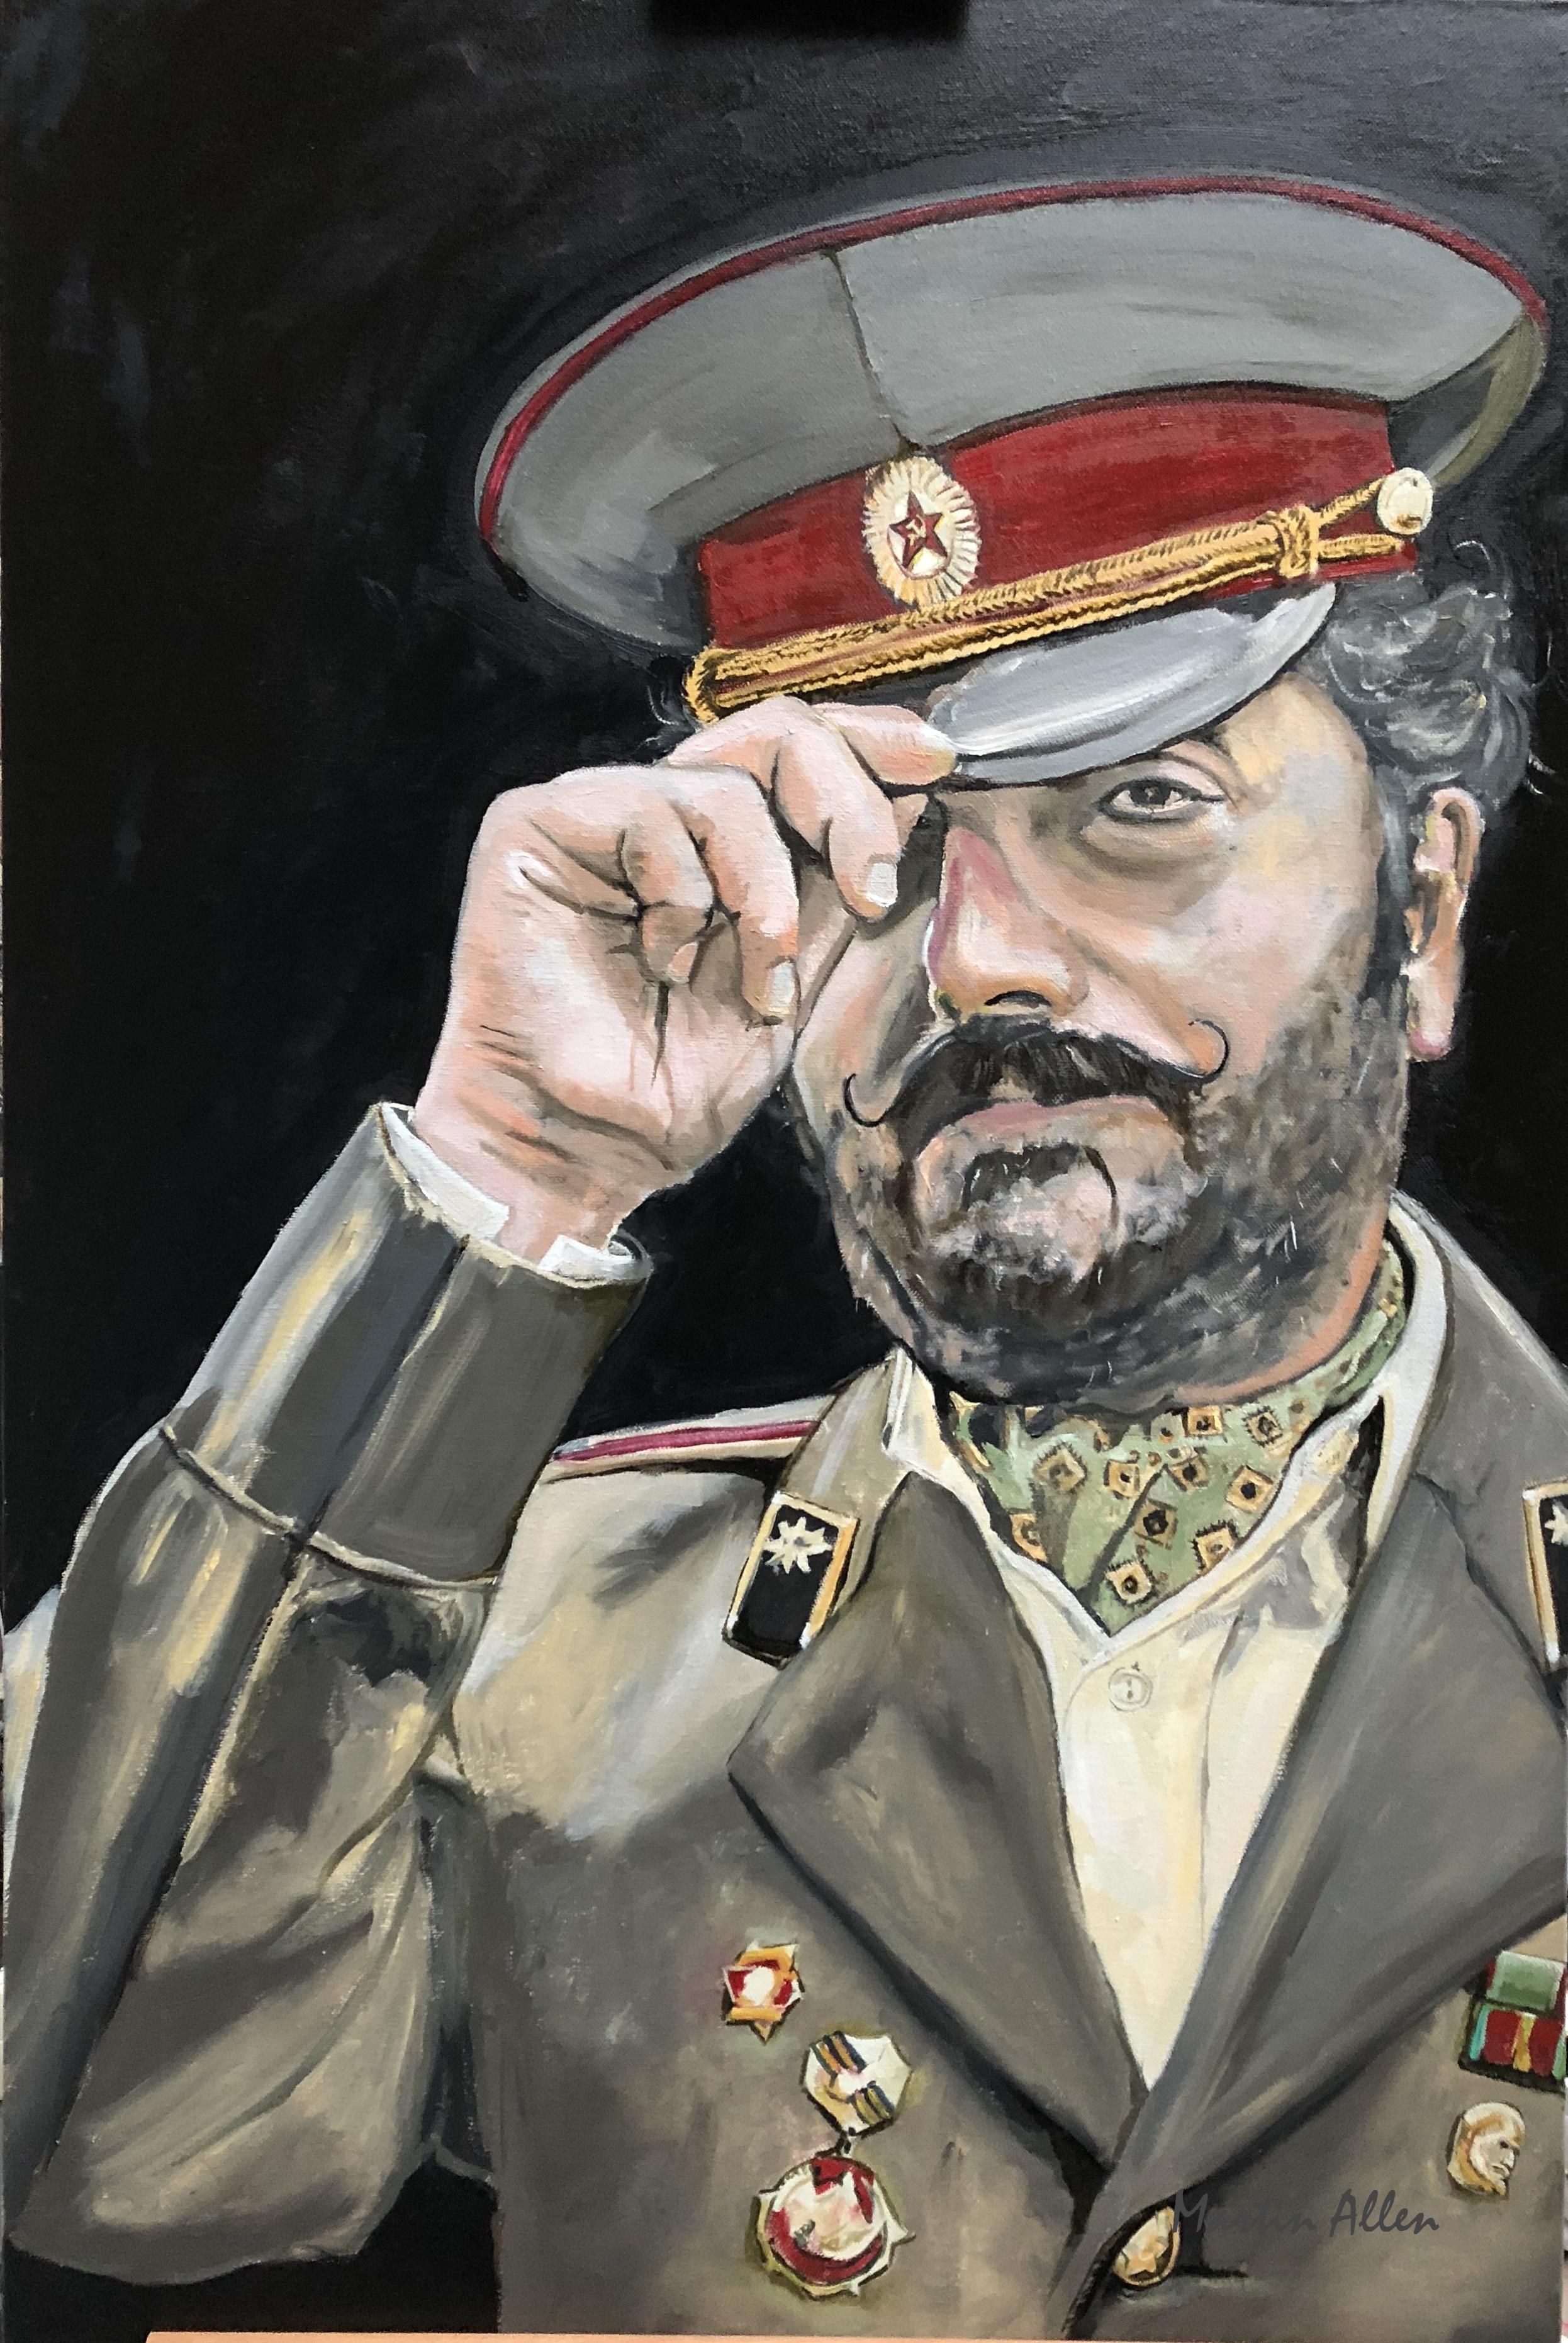 Comrade Enver